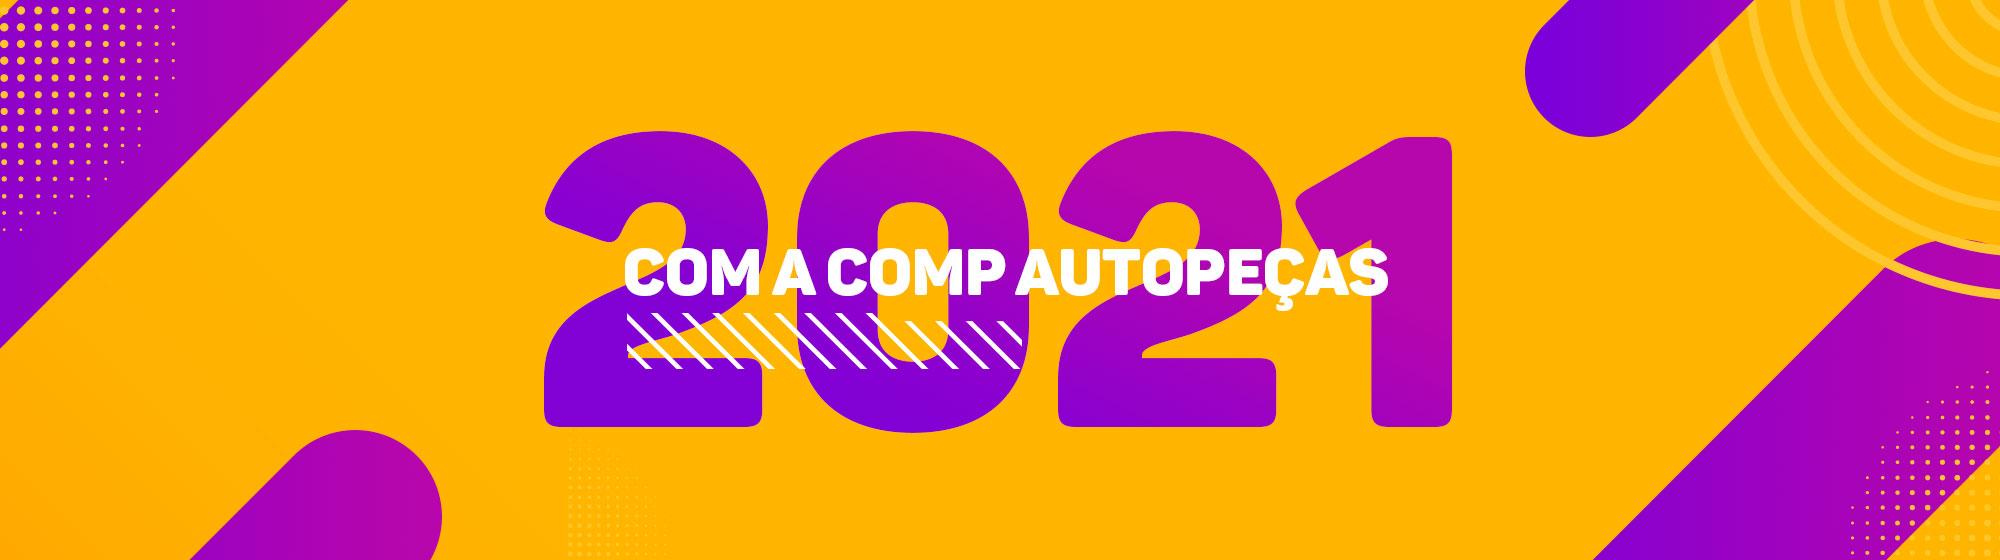 Bem vindo 2021